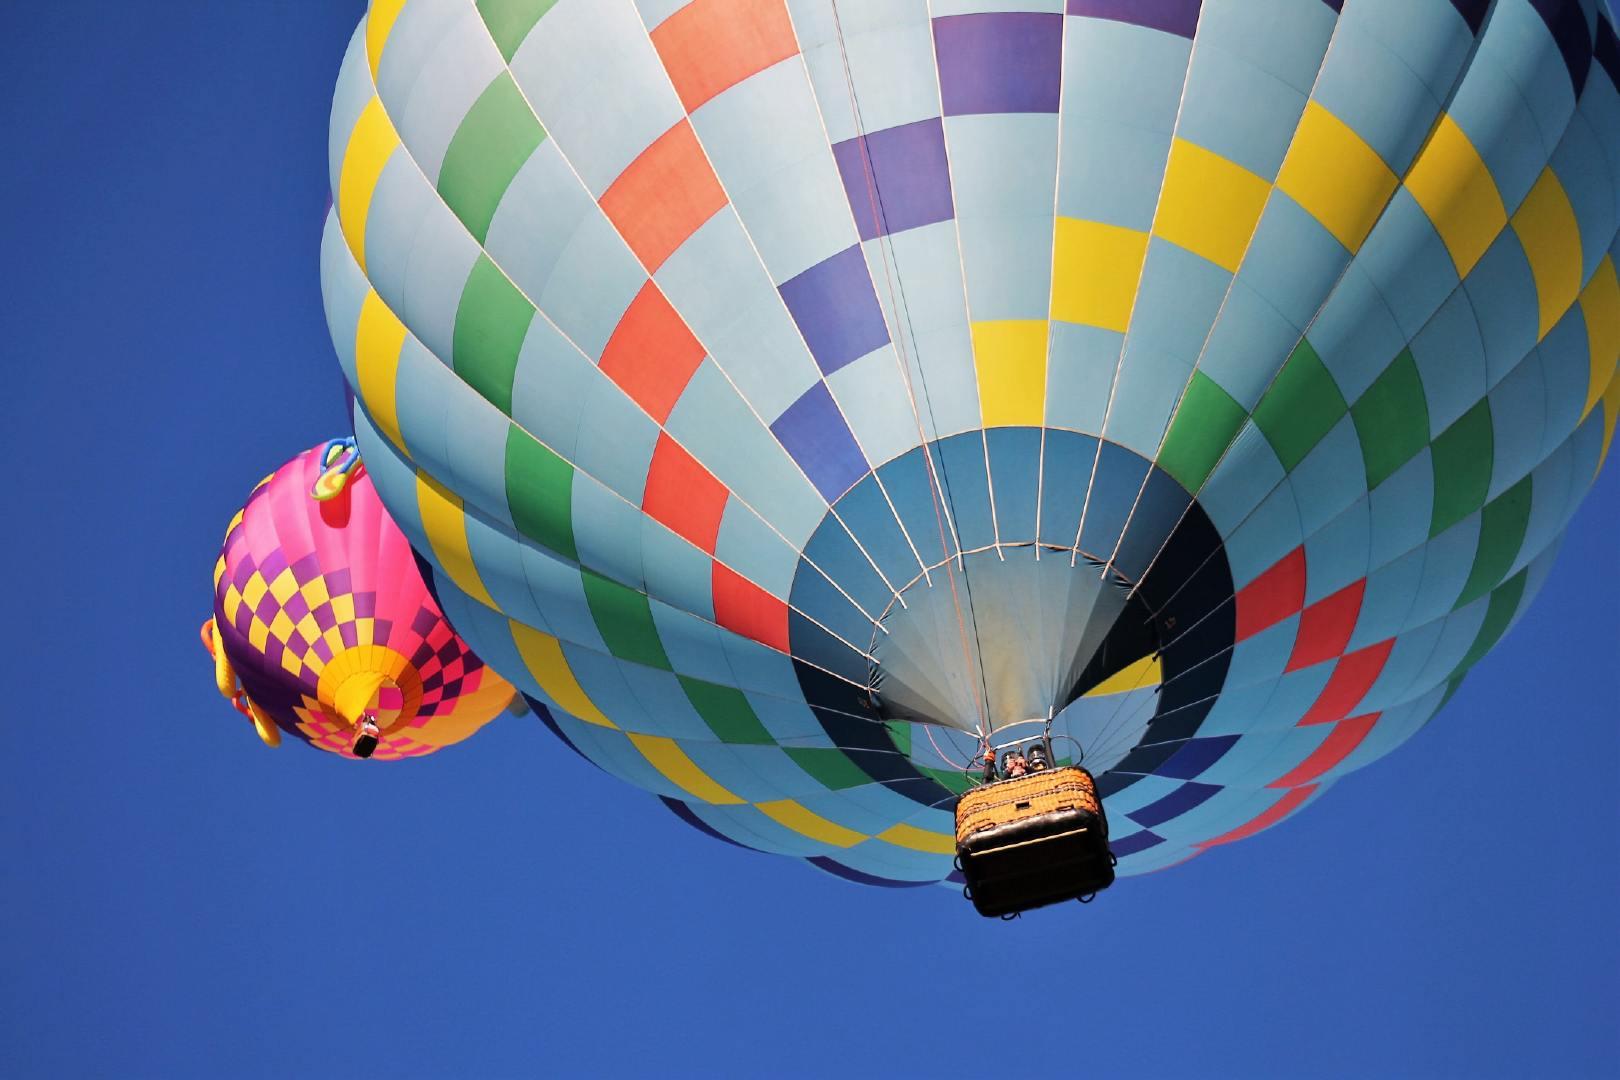 遨游在蔚蓝天空下的热气球壁纸大全